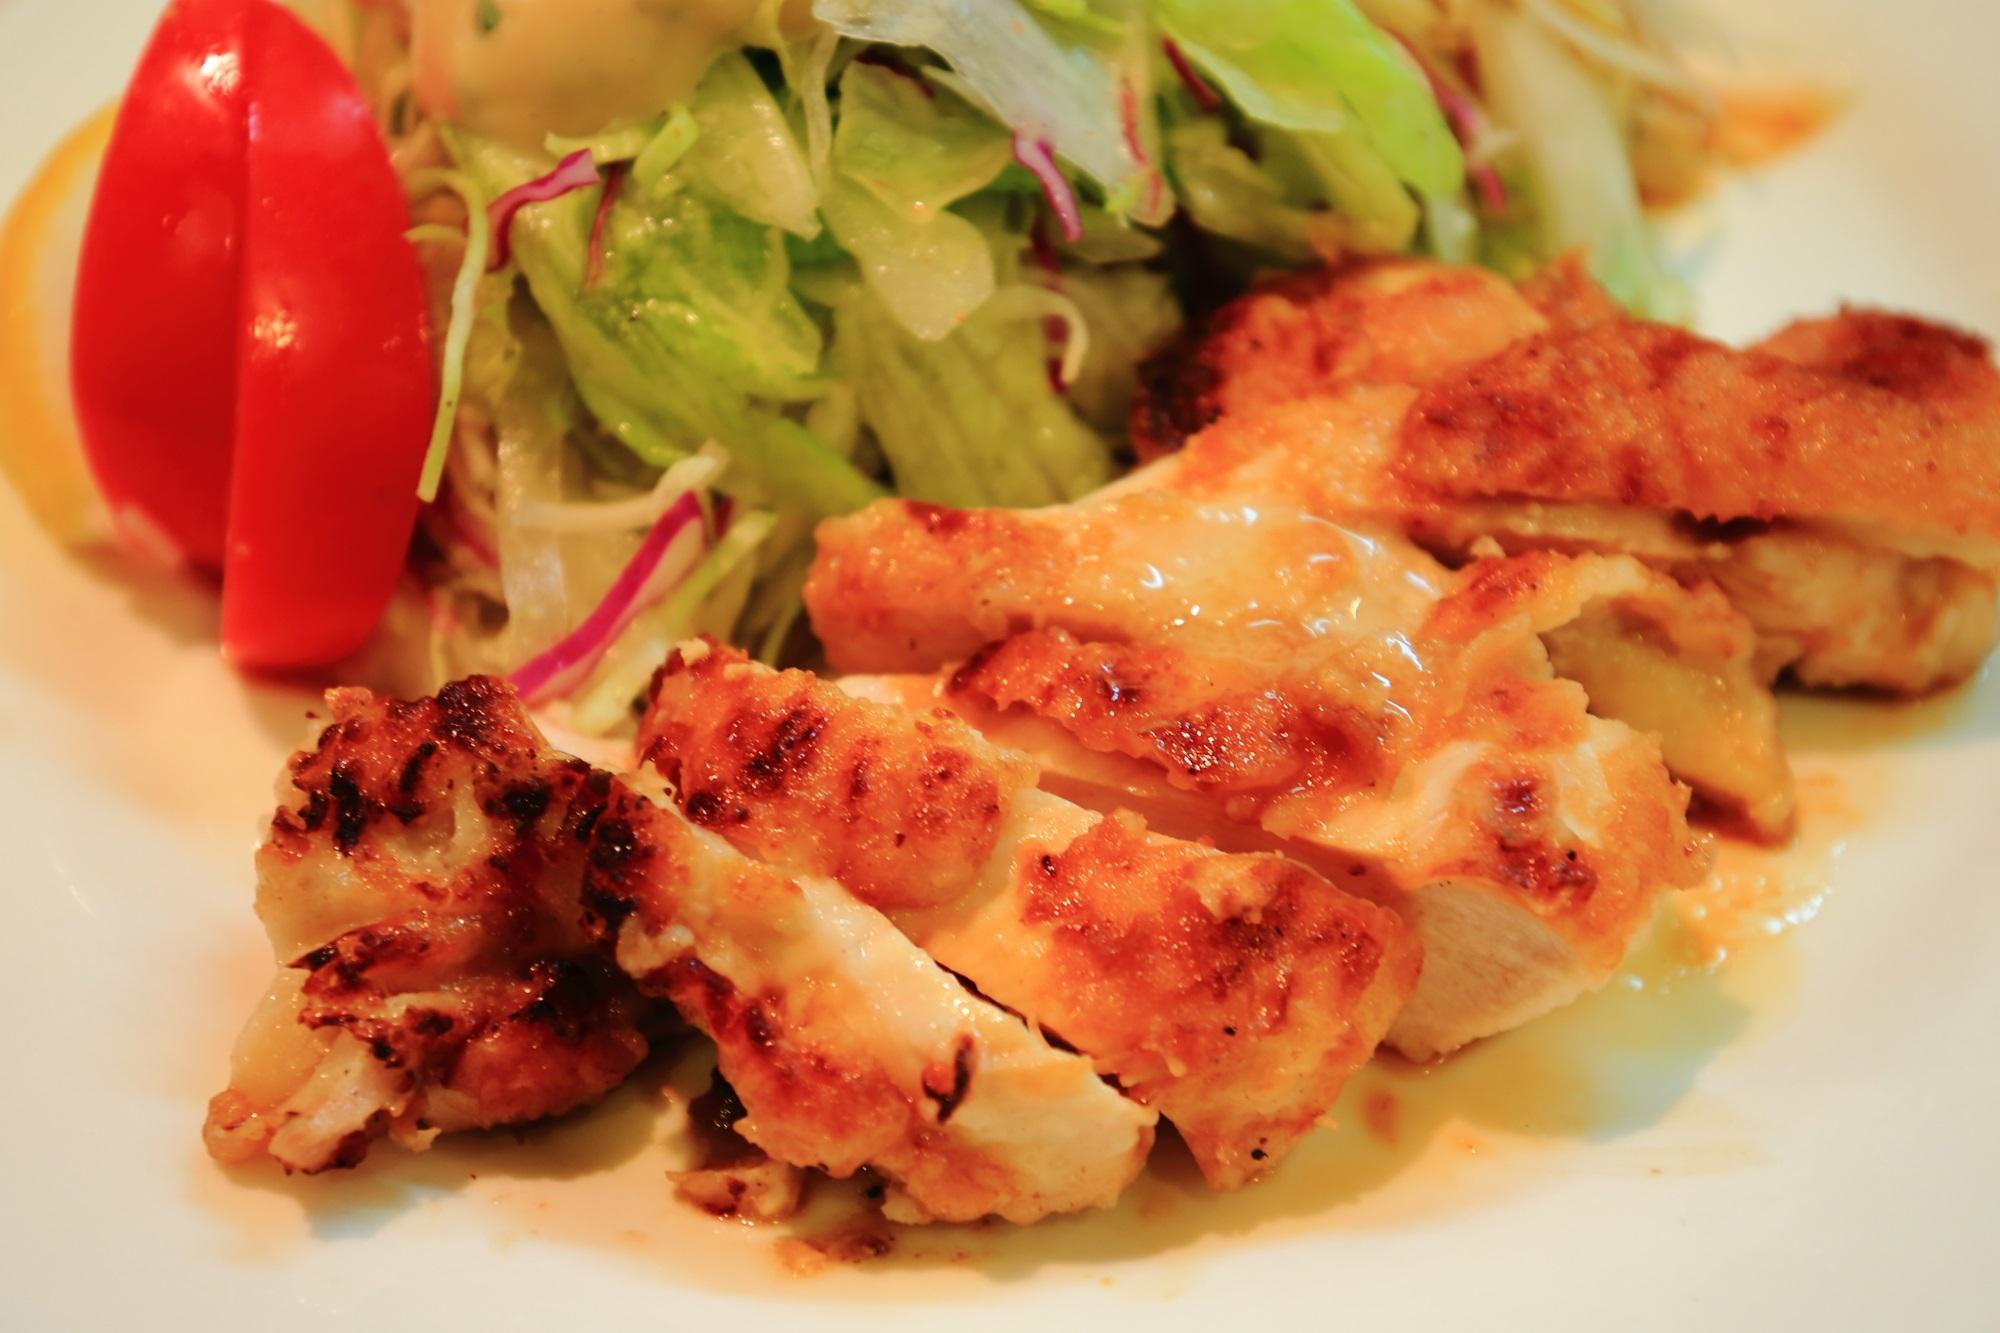 京都の安くてうまいサラダの店サンチョの美味しい若鶏のグリルチキンとサラダ